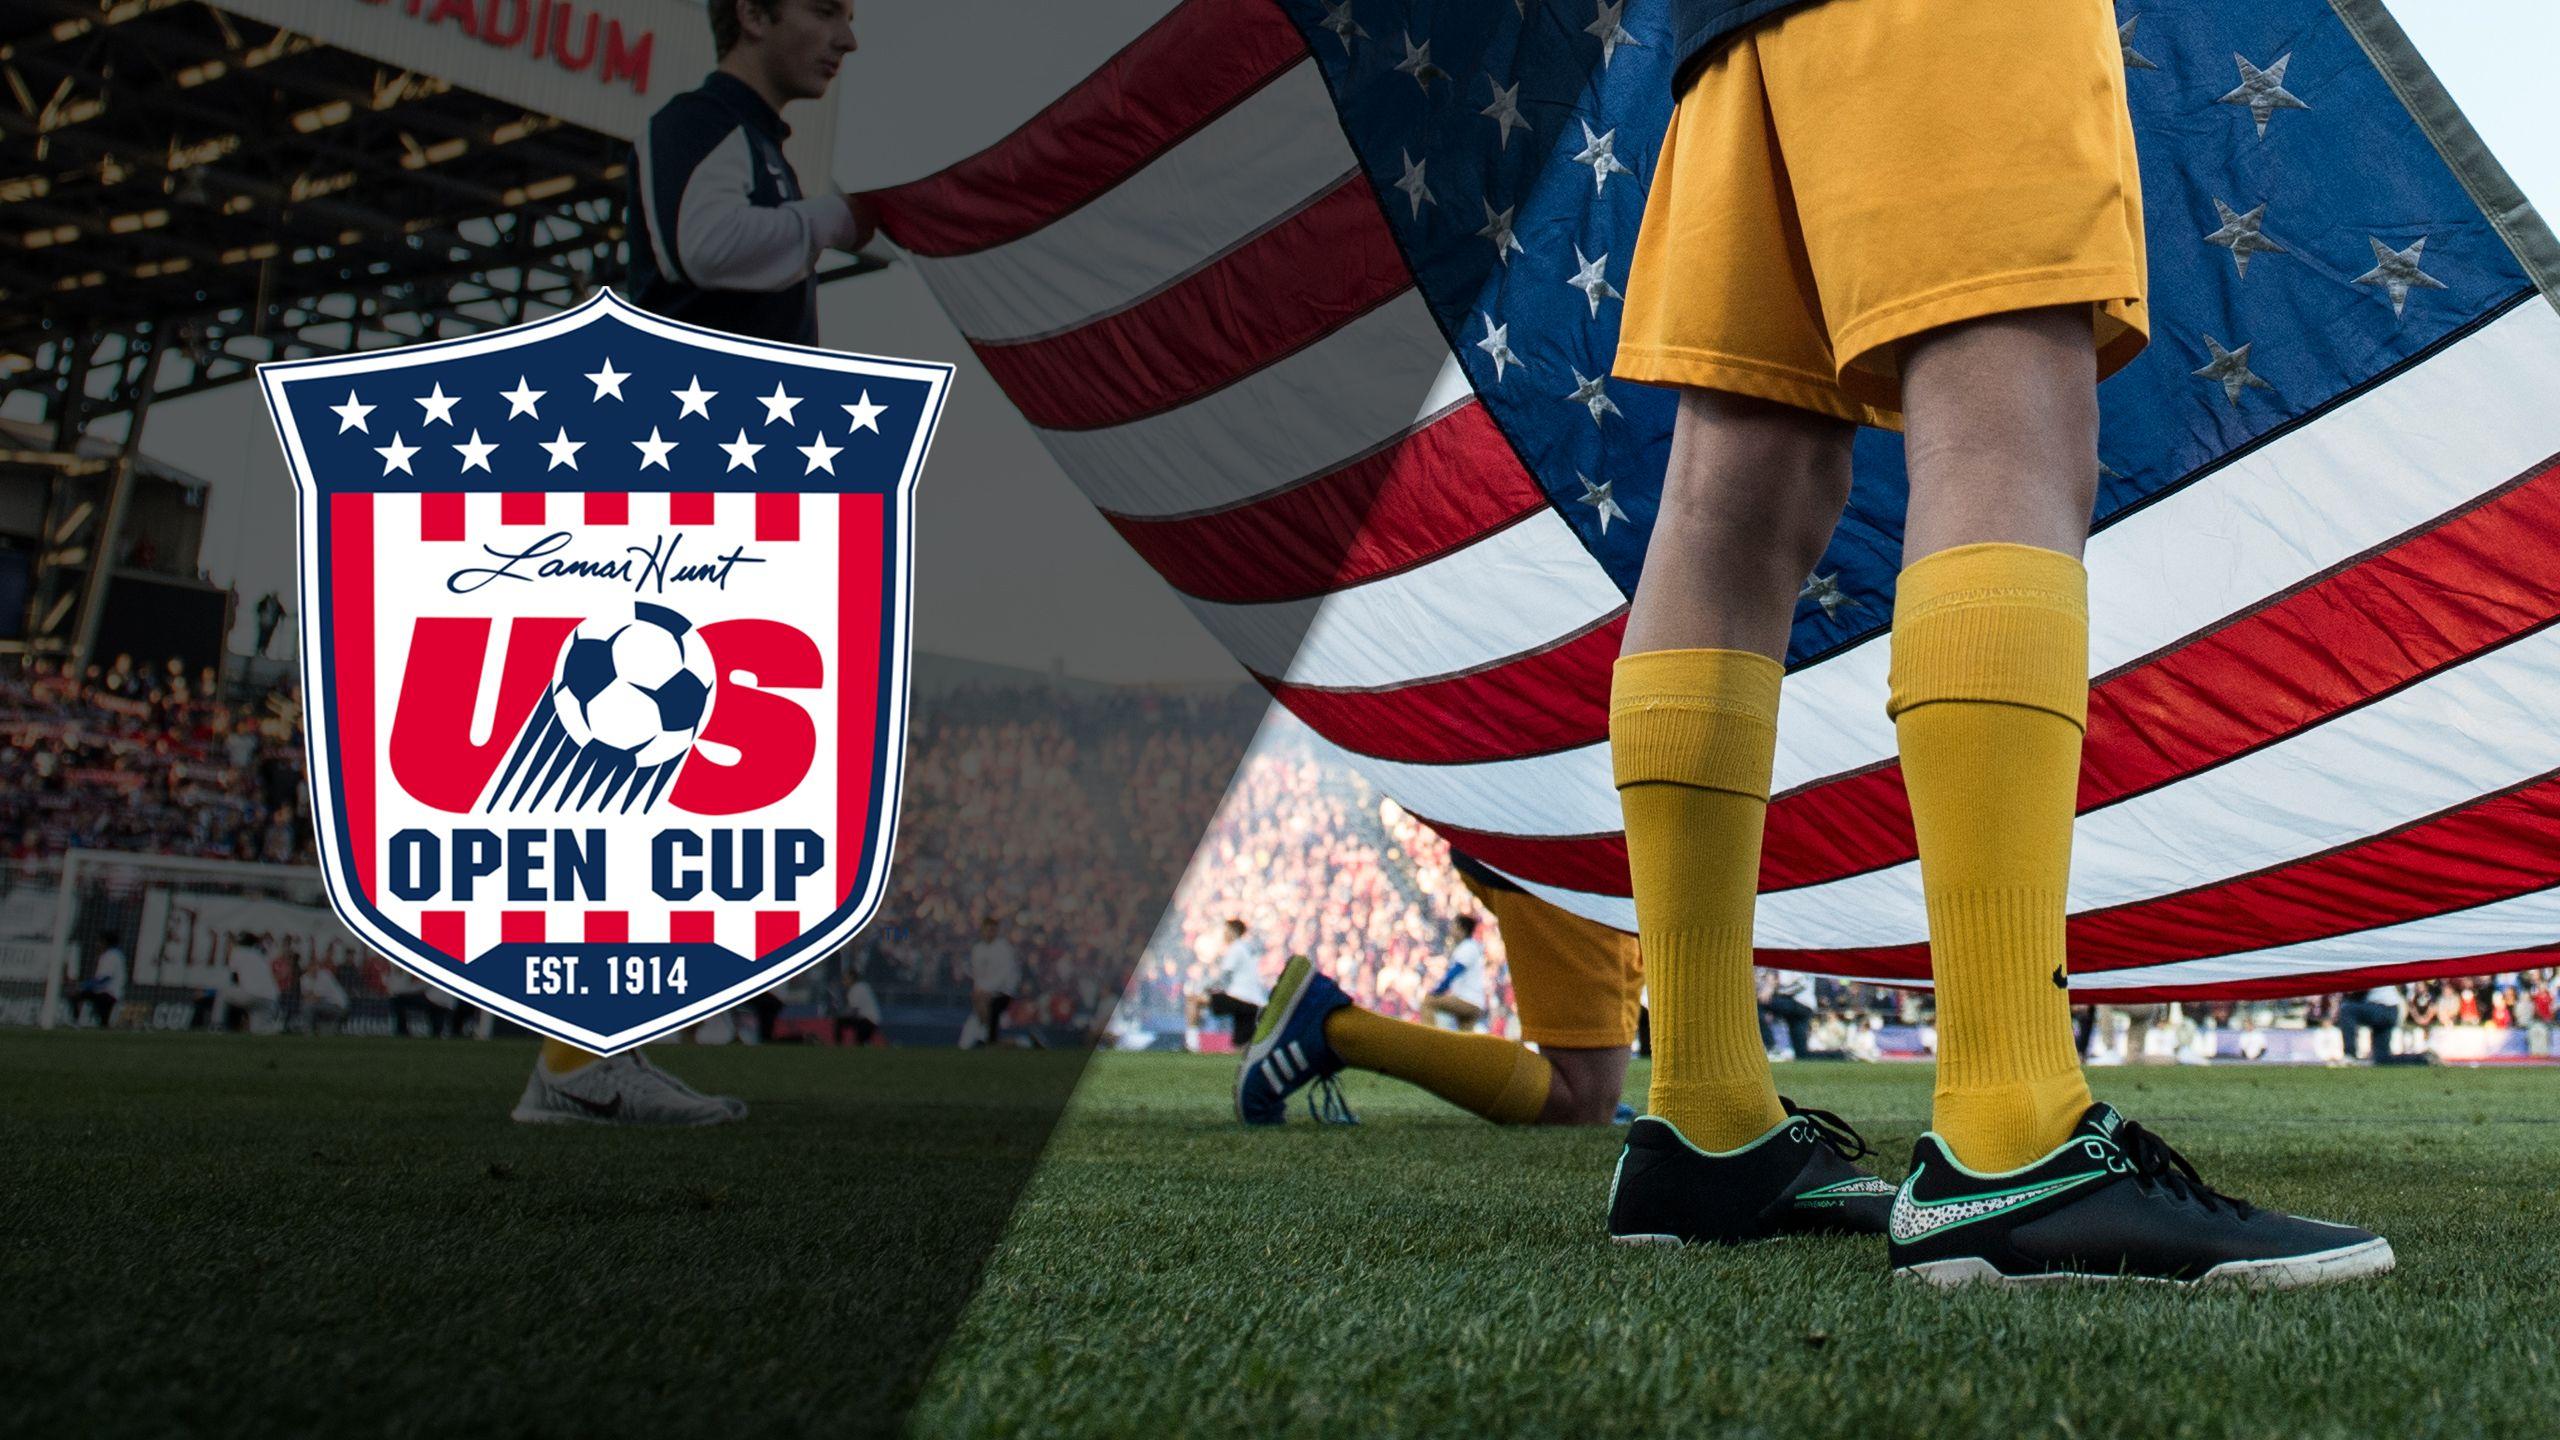 U.S. Open Cup Trophy Ceremony